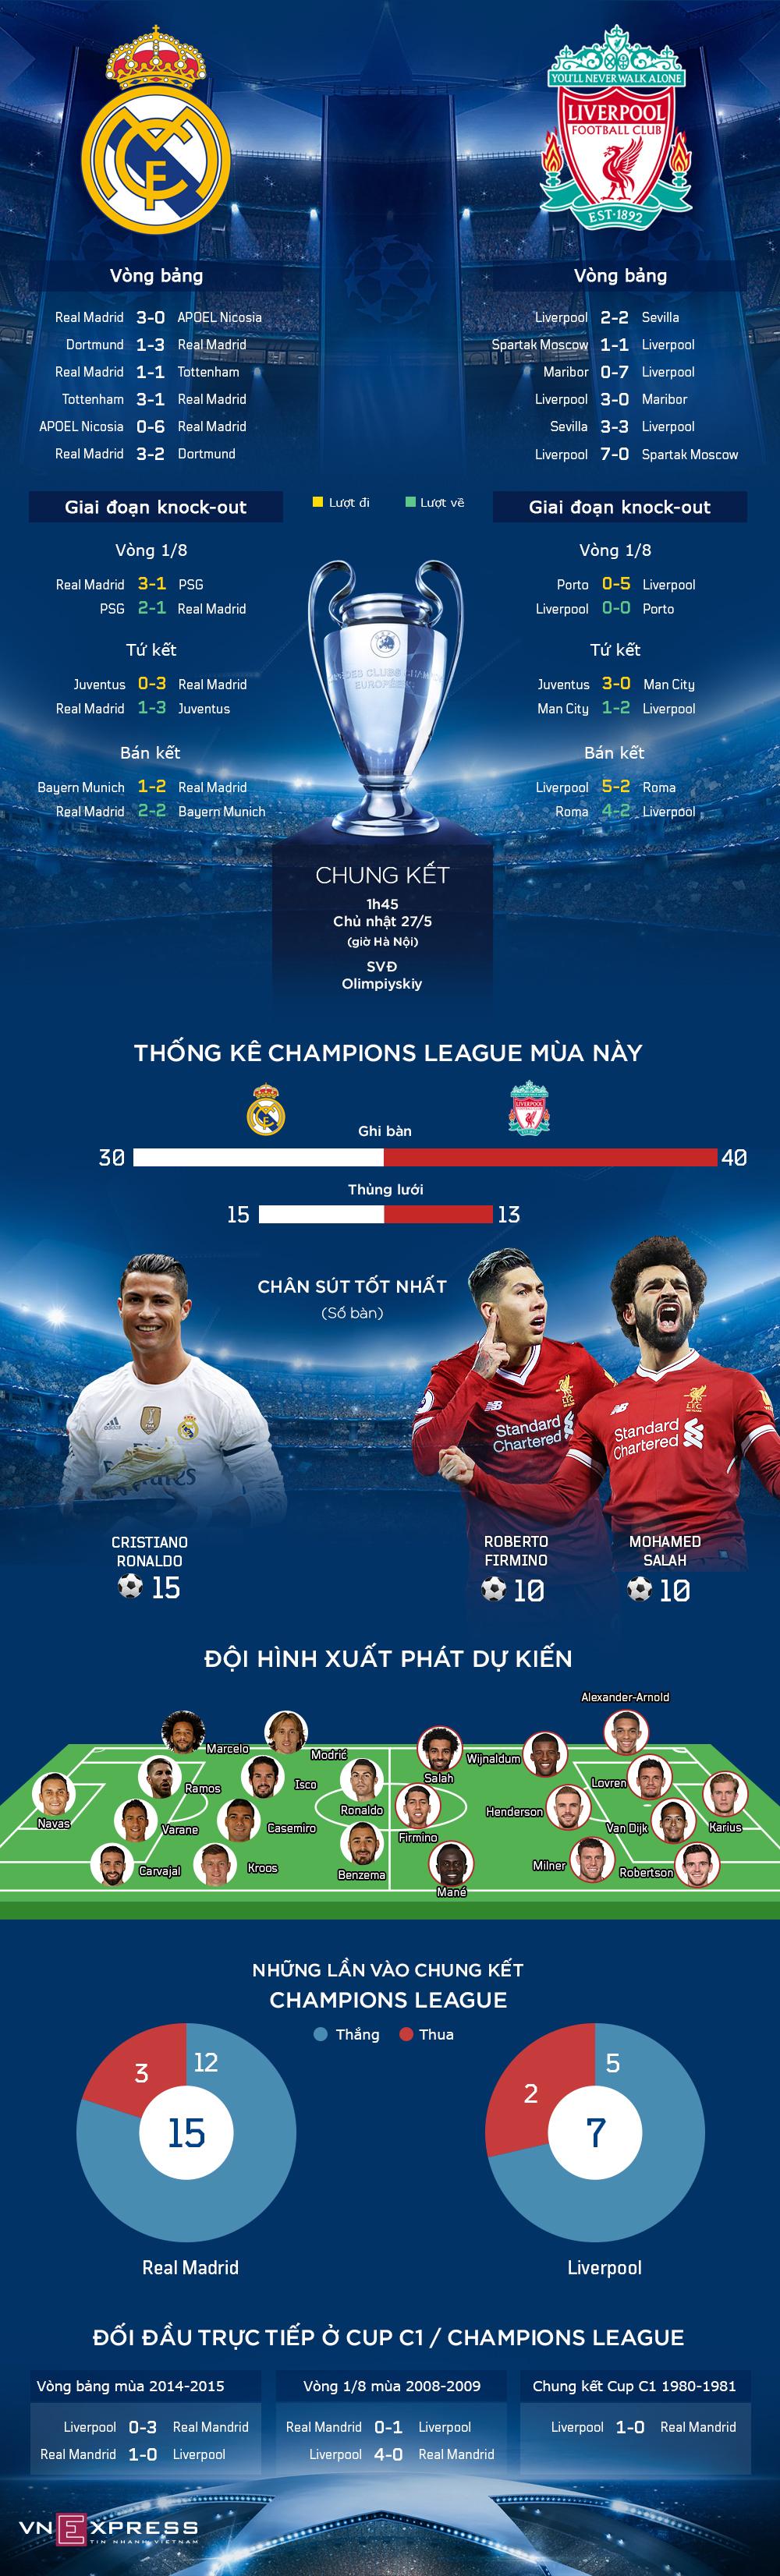 Real Madrid - Liverpool và đường đến chung kết Champions League